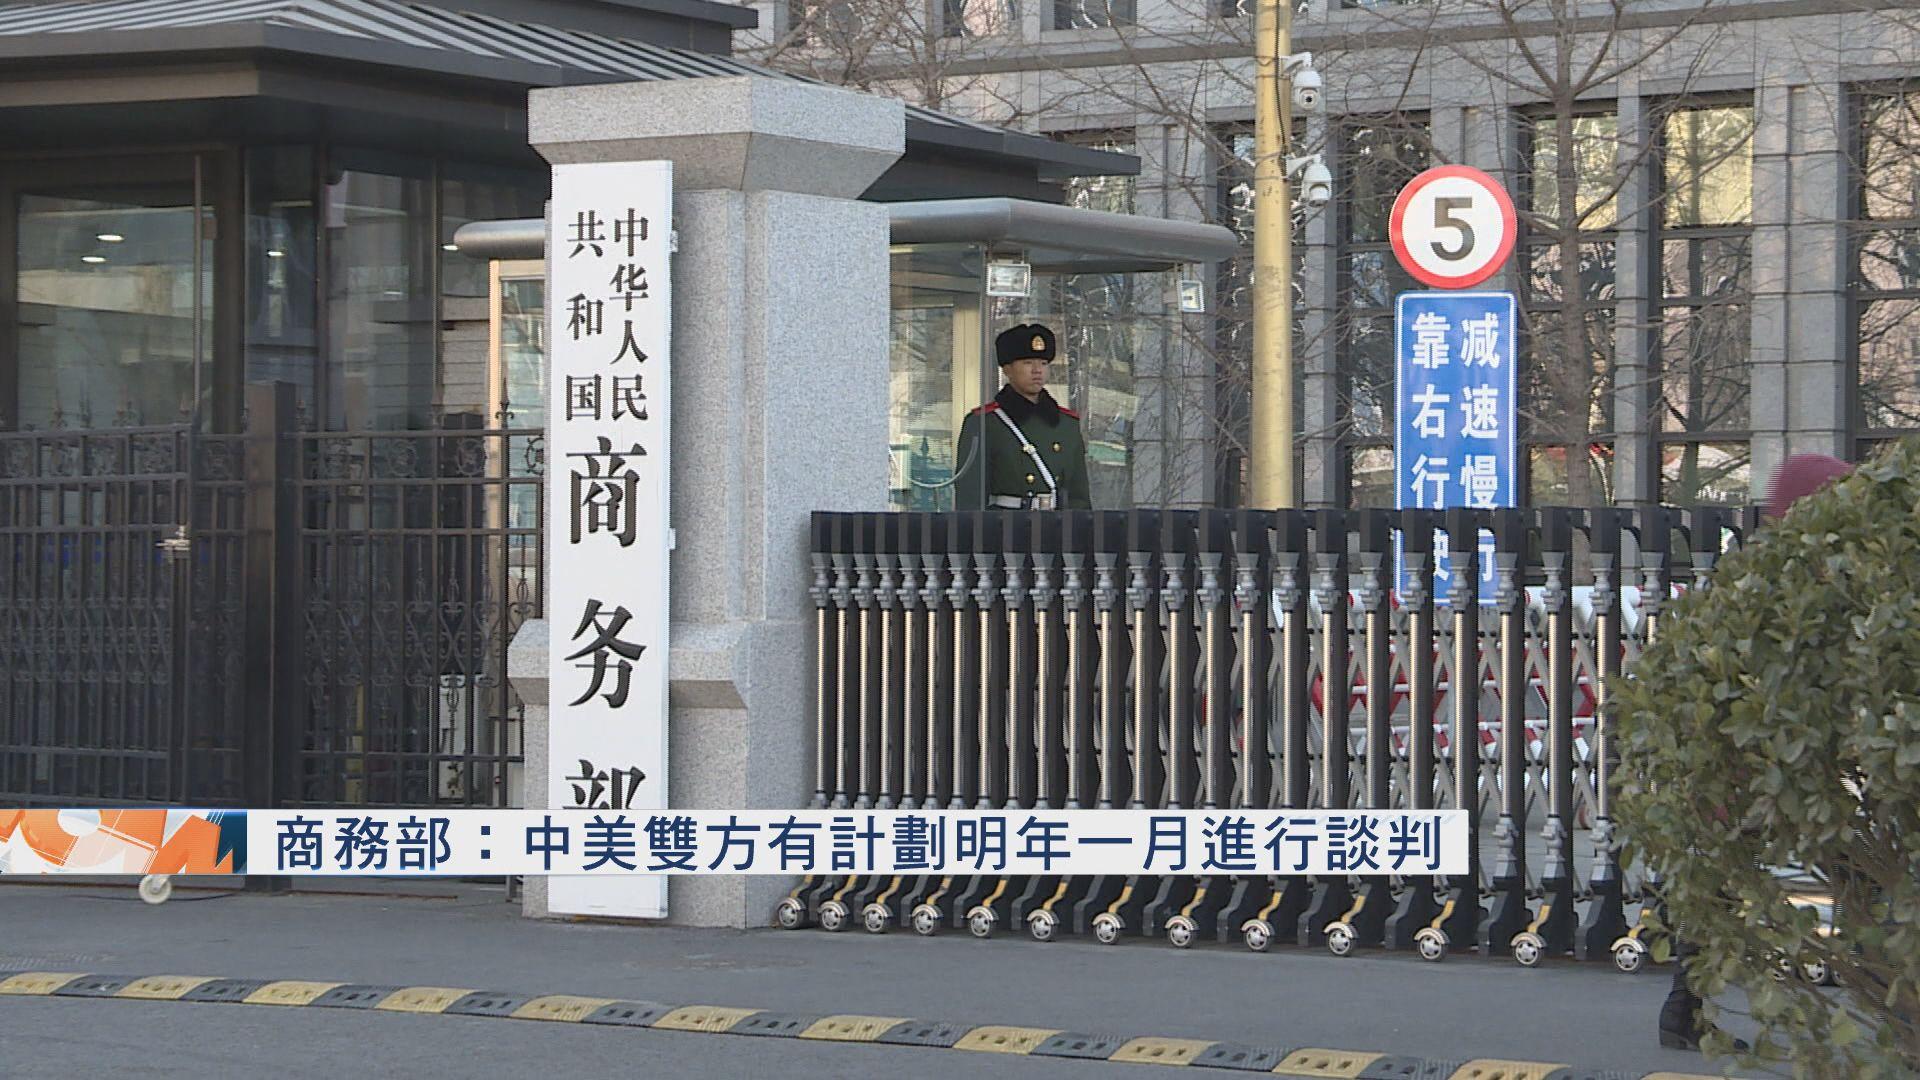 【中美貿戰】商務部:雙方擬於明年1月談判